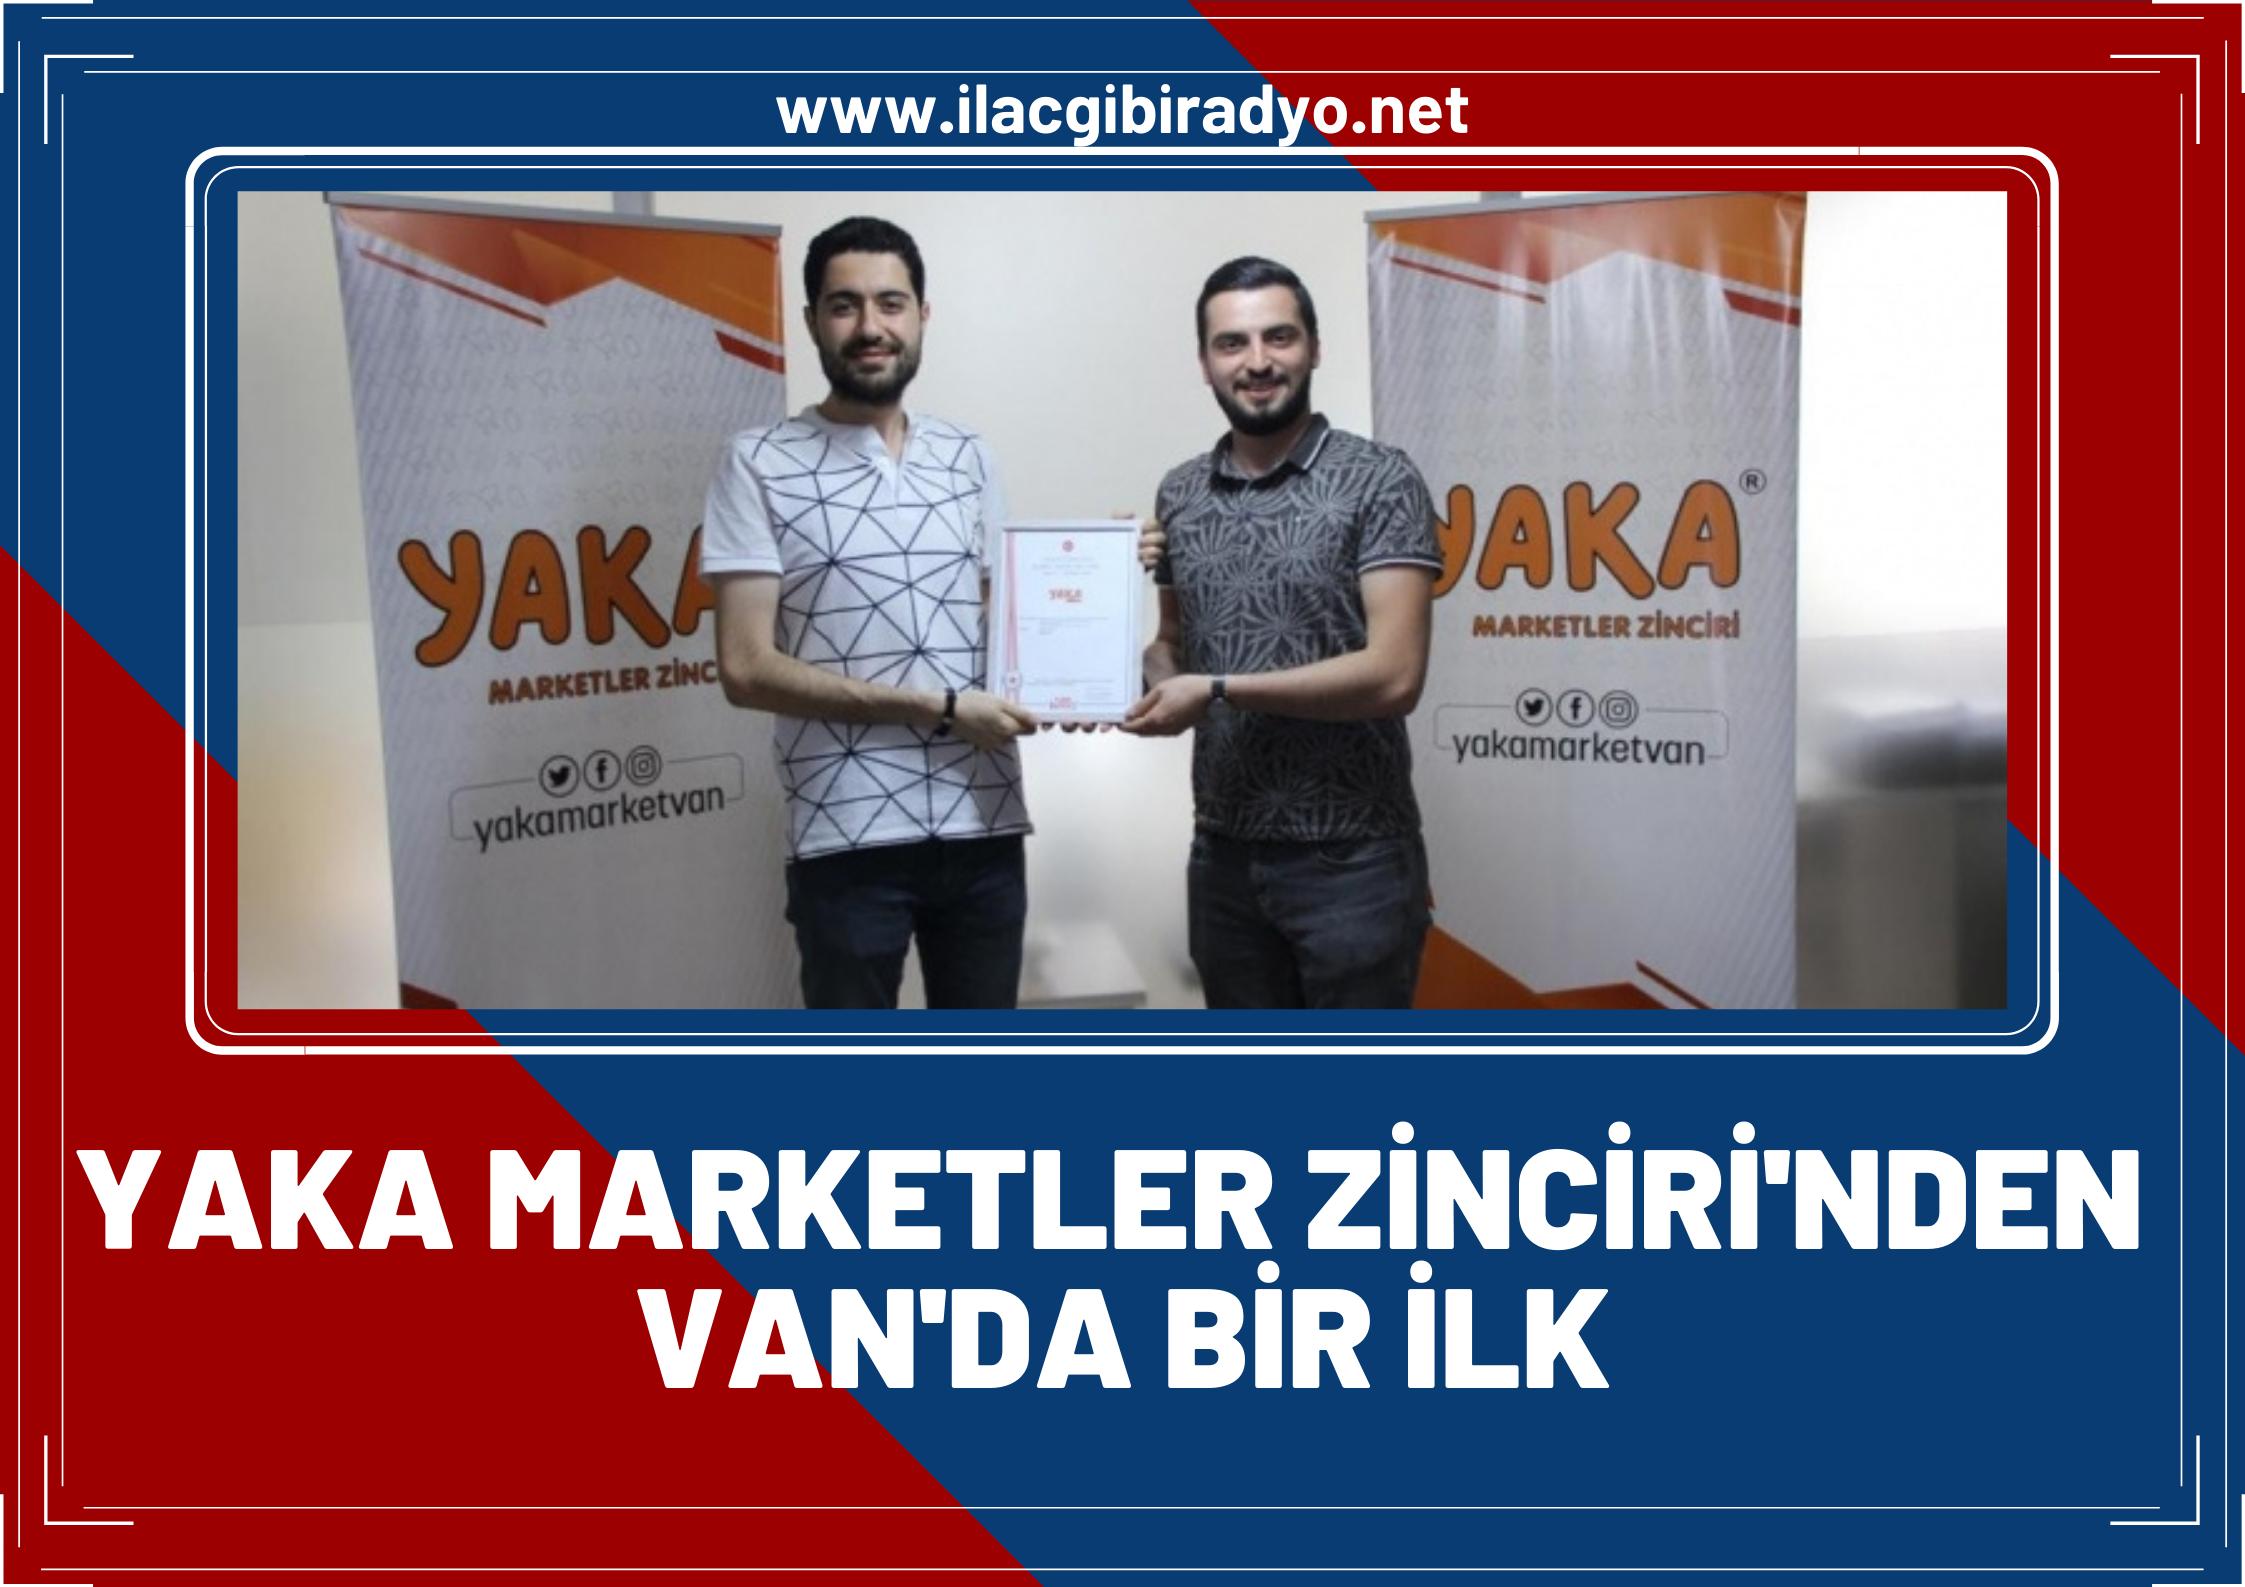 Van'da ilk sanal market hizmetini kuruldu! 'Yaka Ekspres Sanal Market'